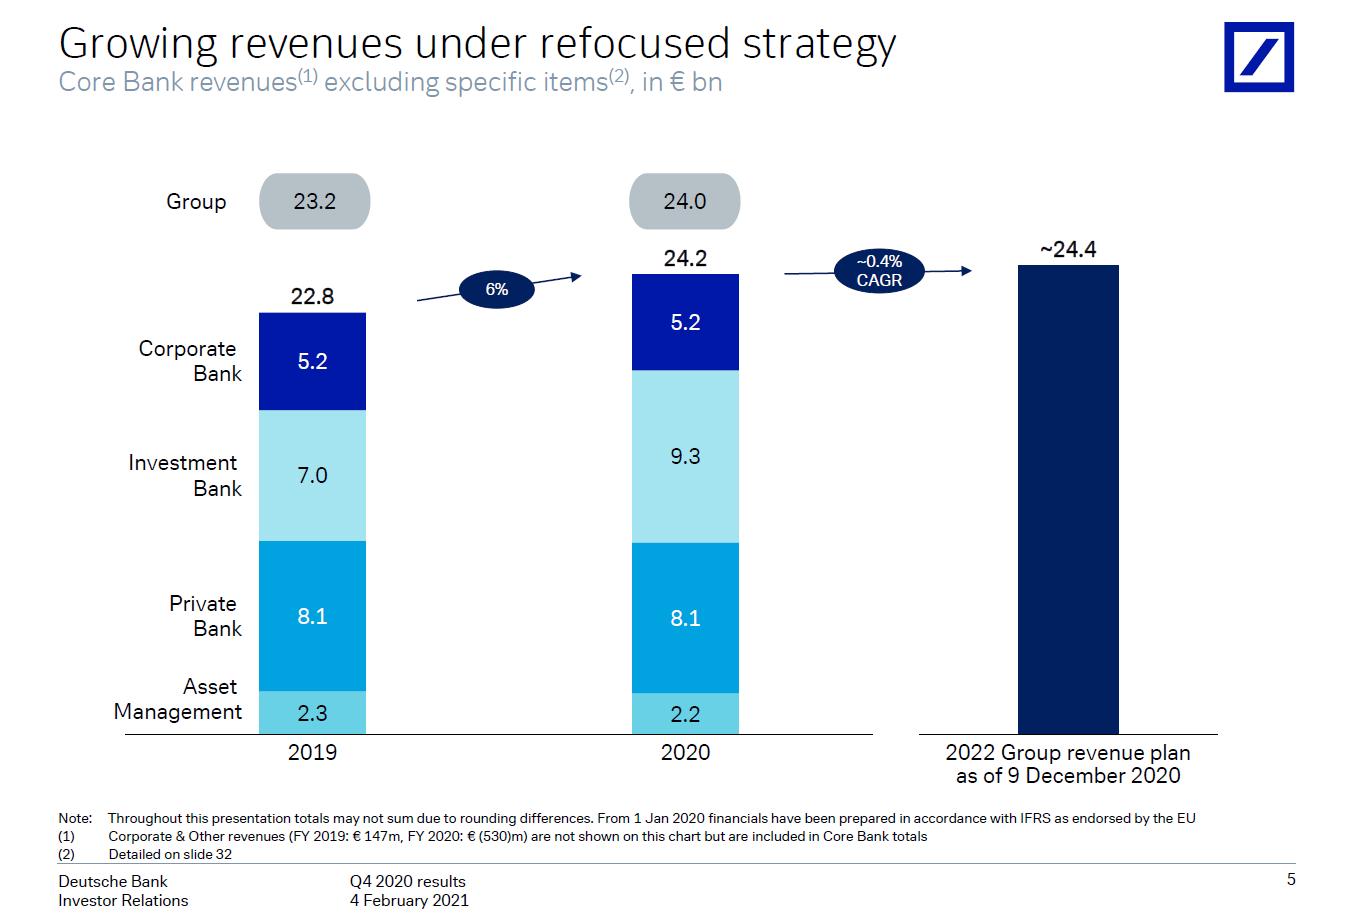 Vývoj výnosů mezi roky 2019 a 2020 a projekce na rok 2022